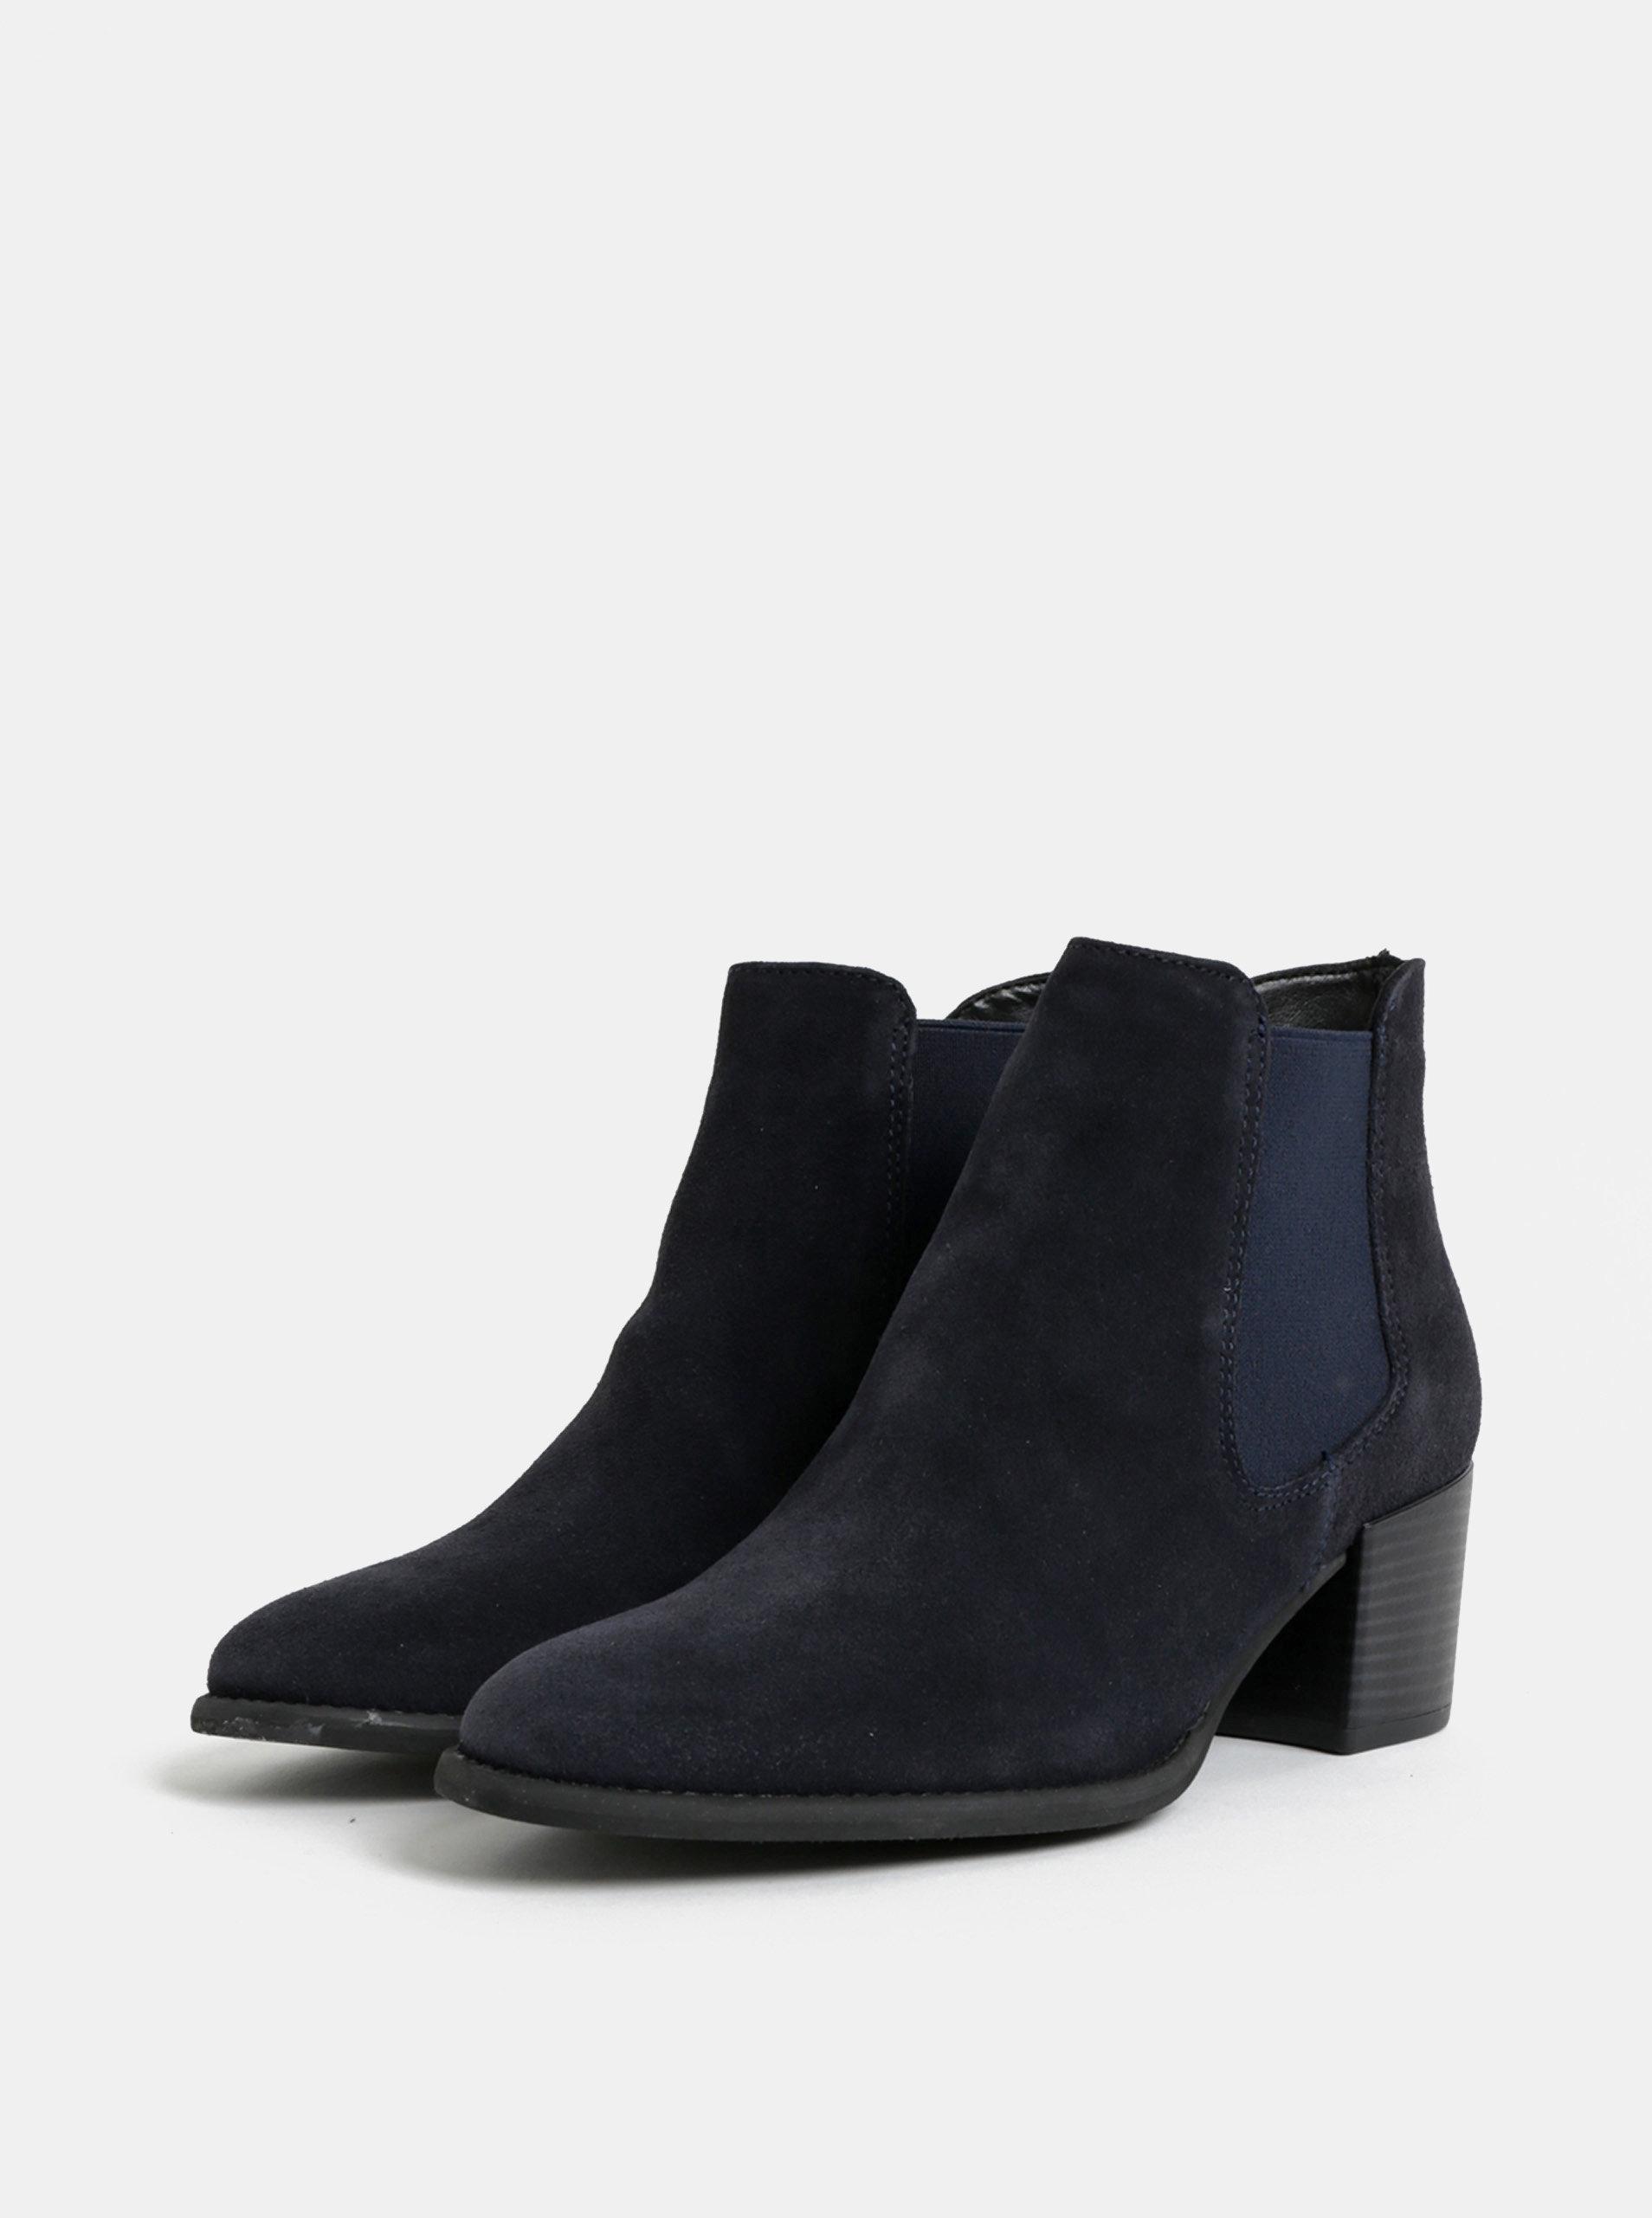 Tmavě modré semišové chelsea boty na podpatku Tamaris ... 48977ca697